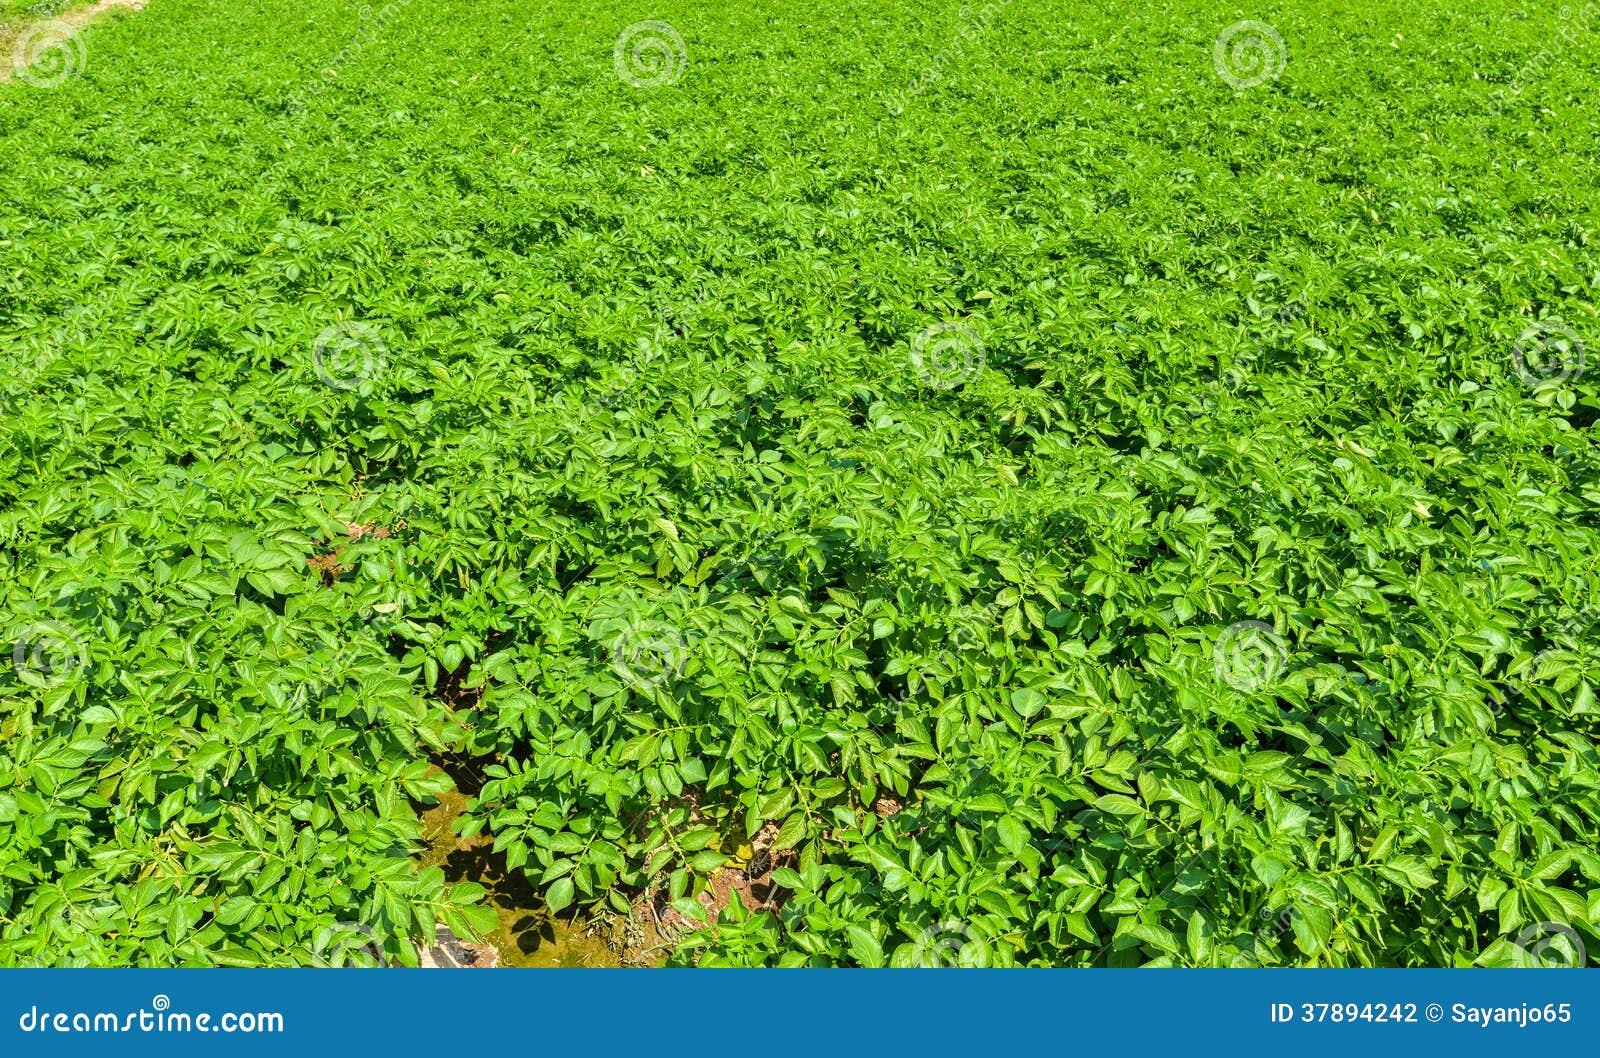 Aardappelplant op gebied.